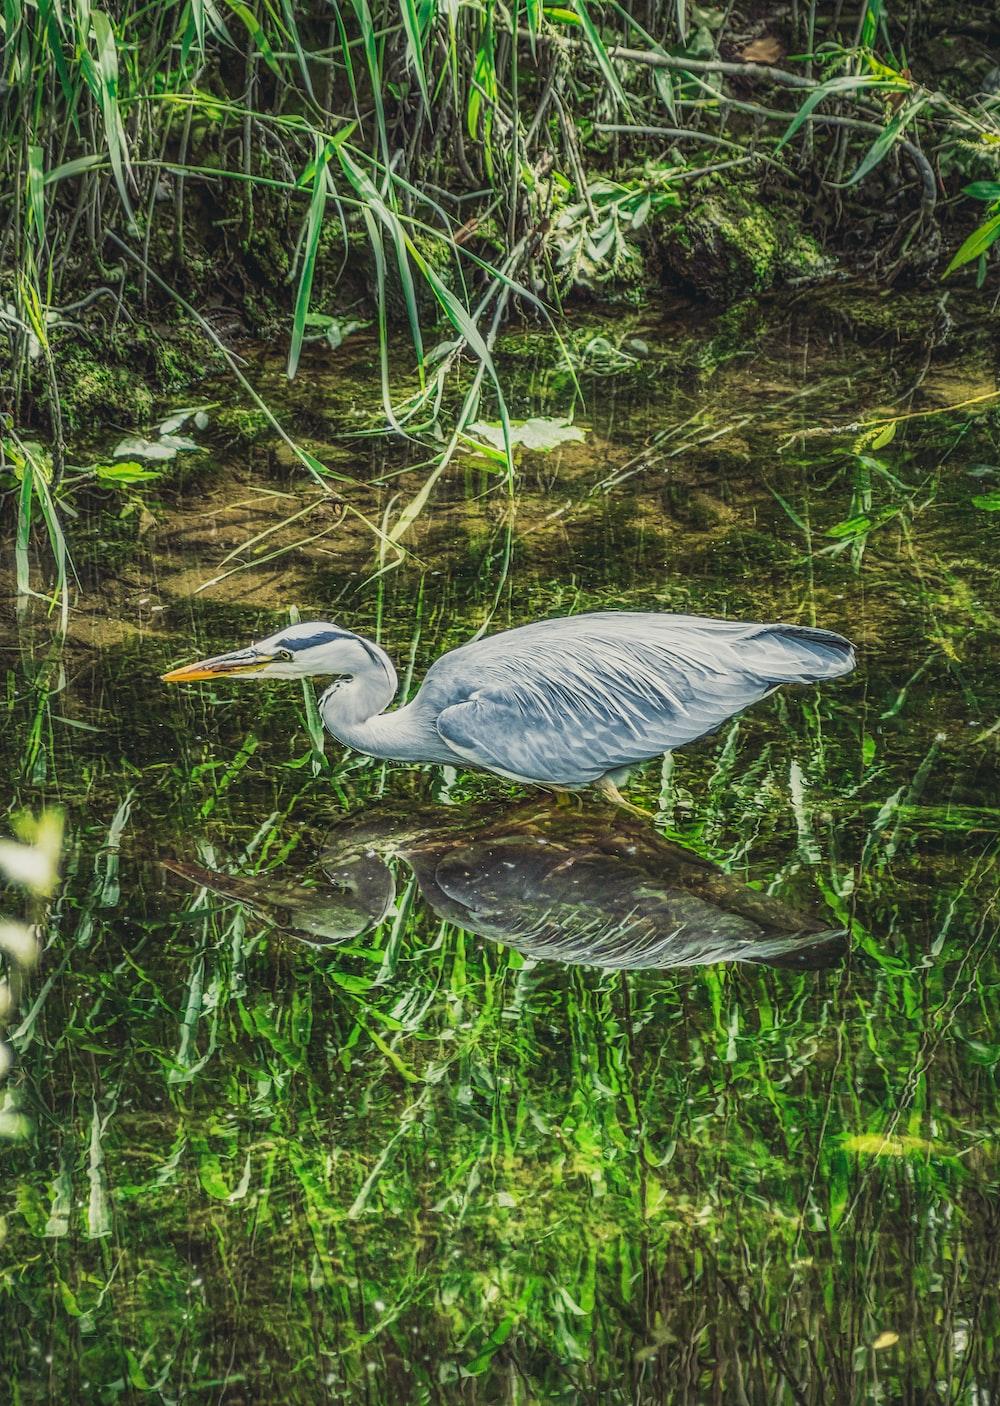 grey bird on water during daytime